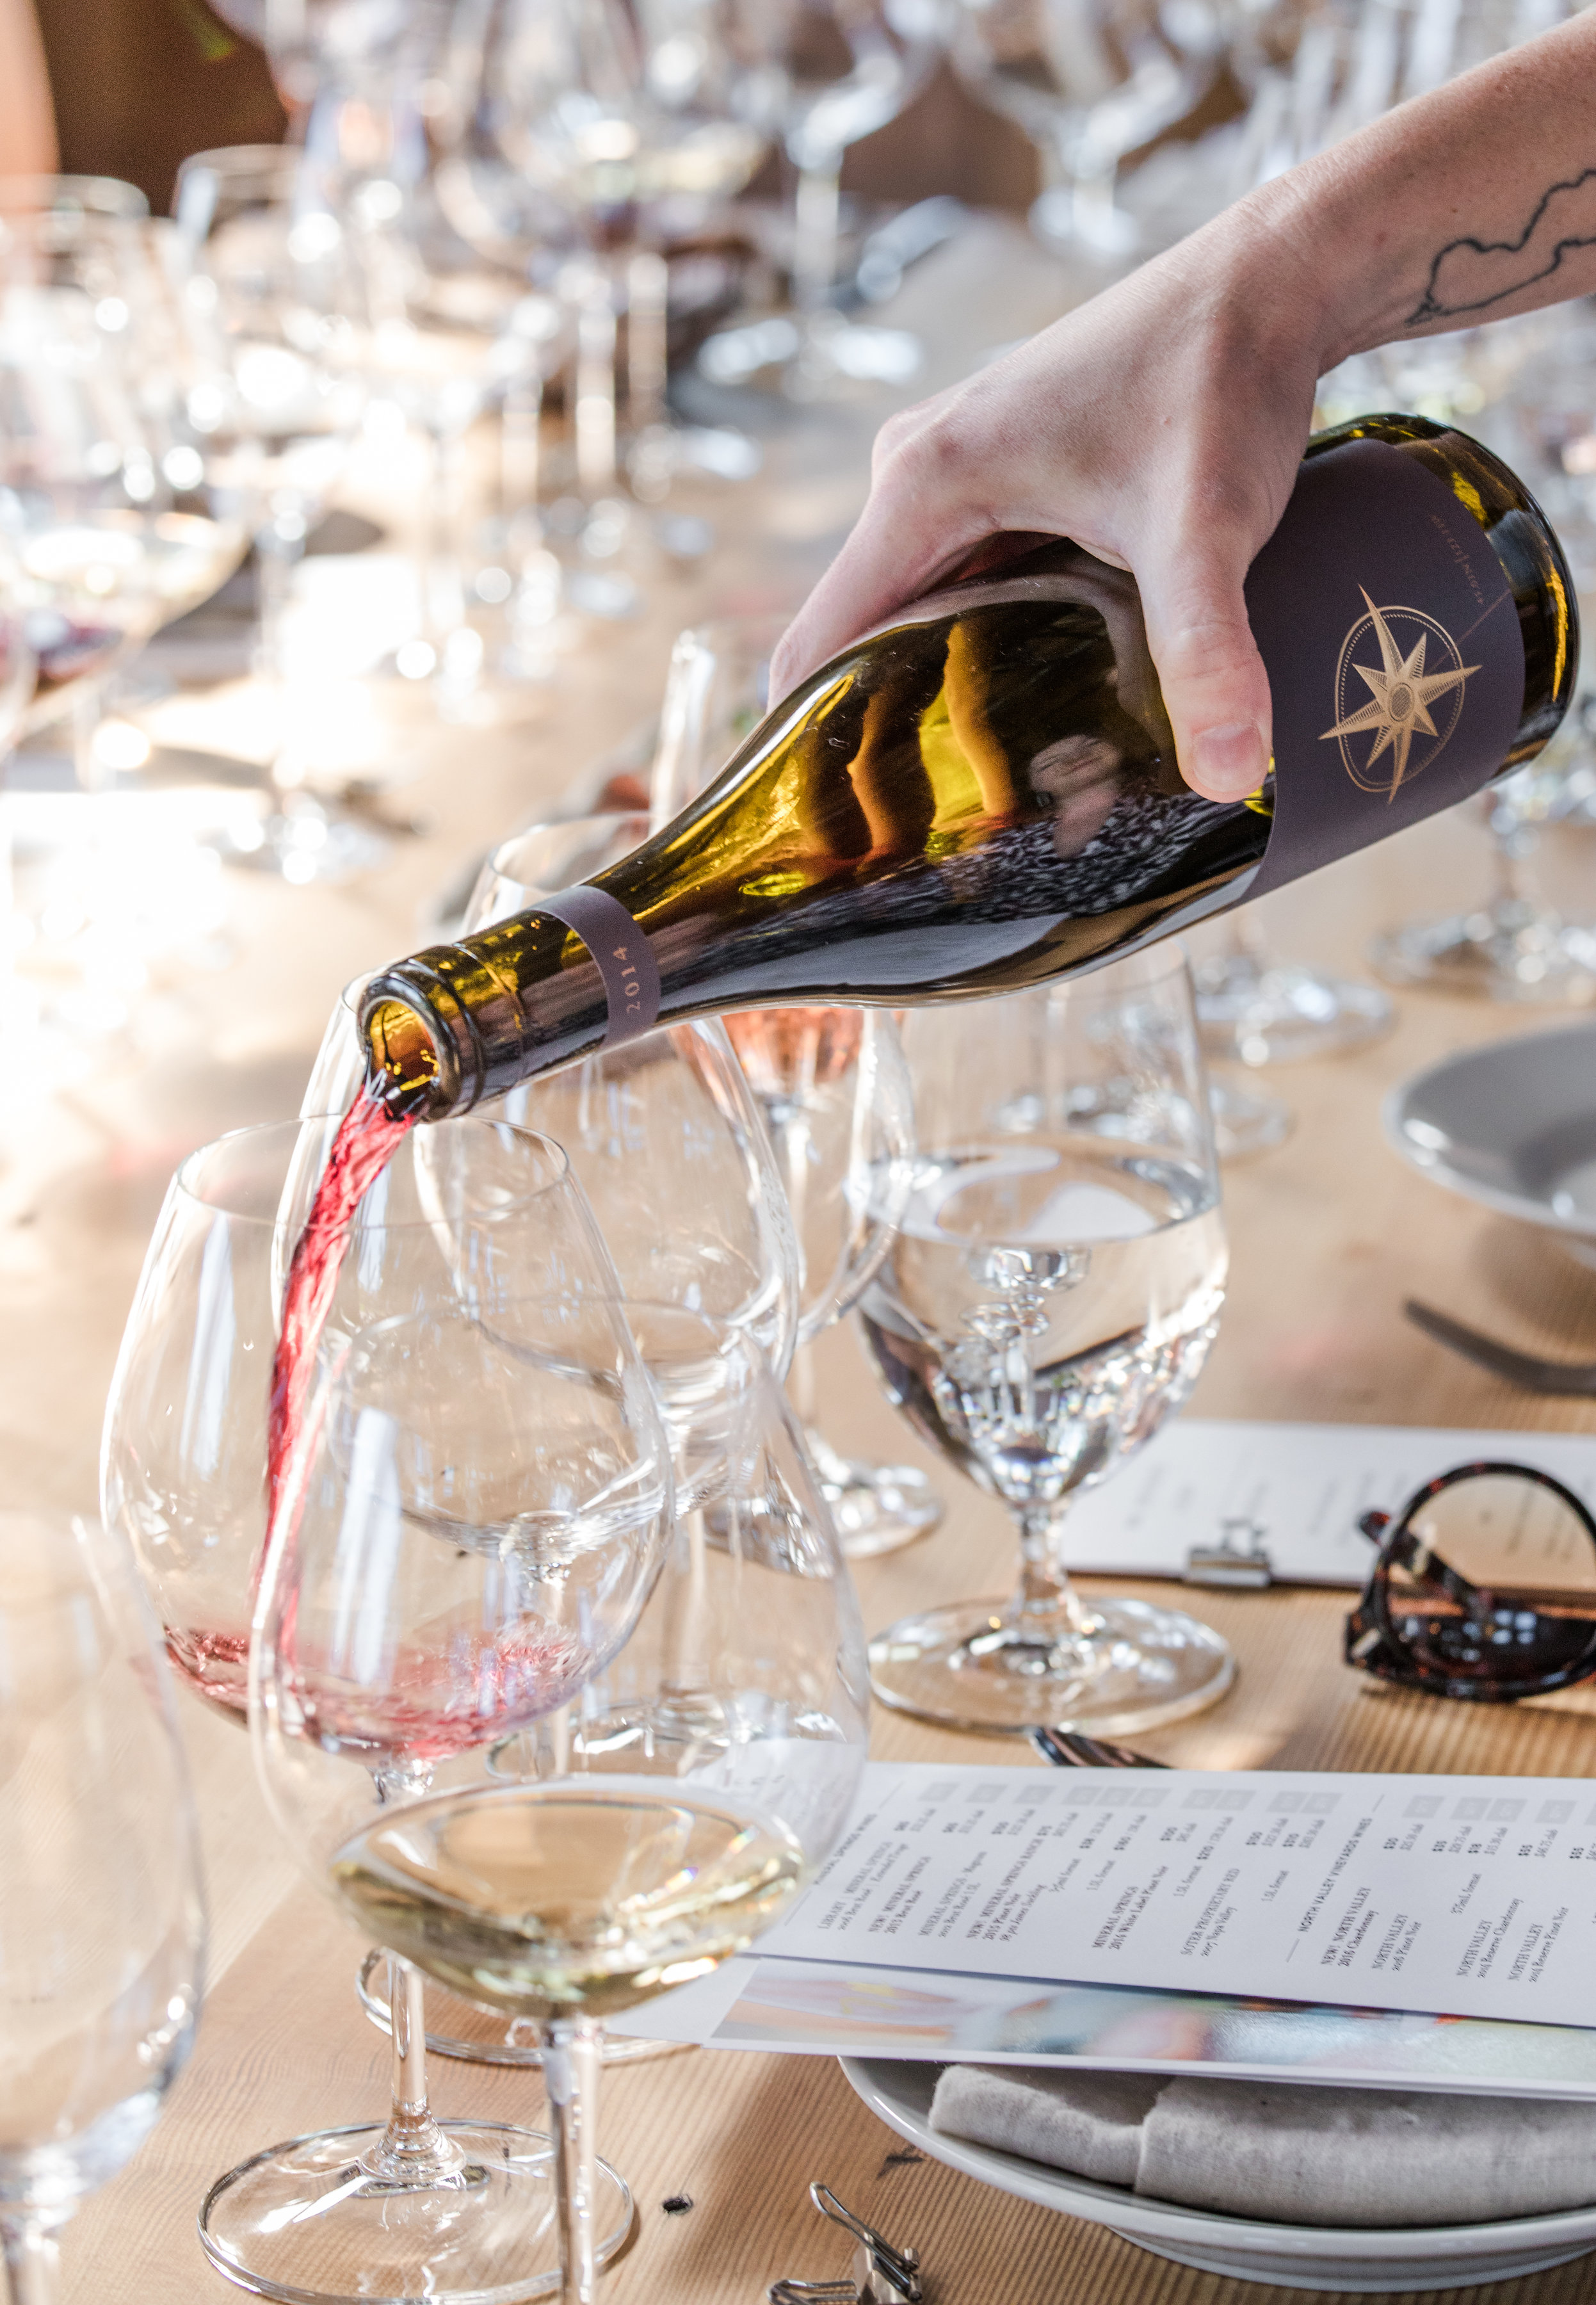 soter wine pour 2018 Luscious Porcelain mcswain.JPG